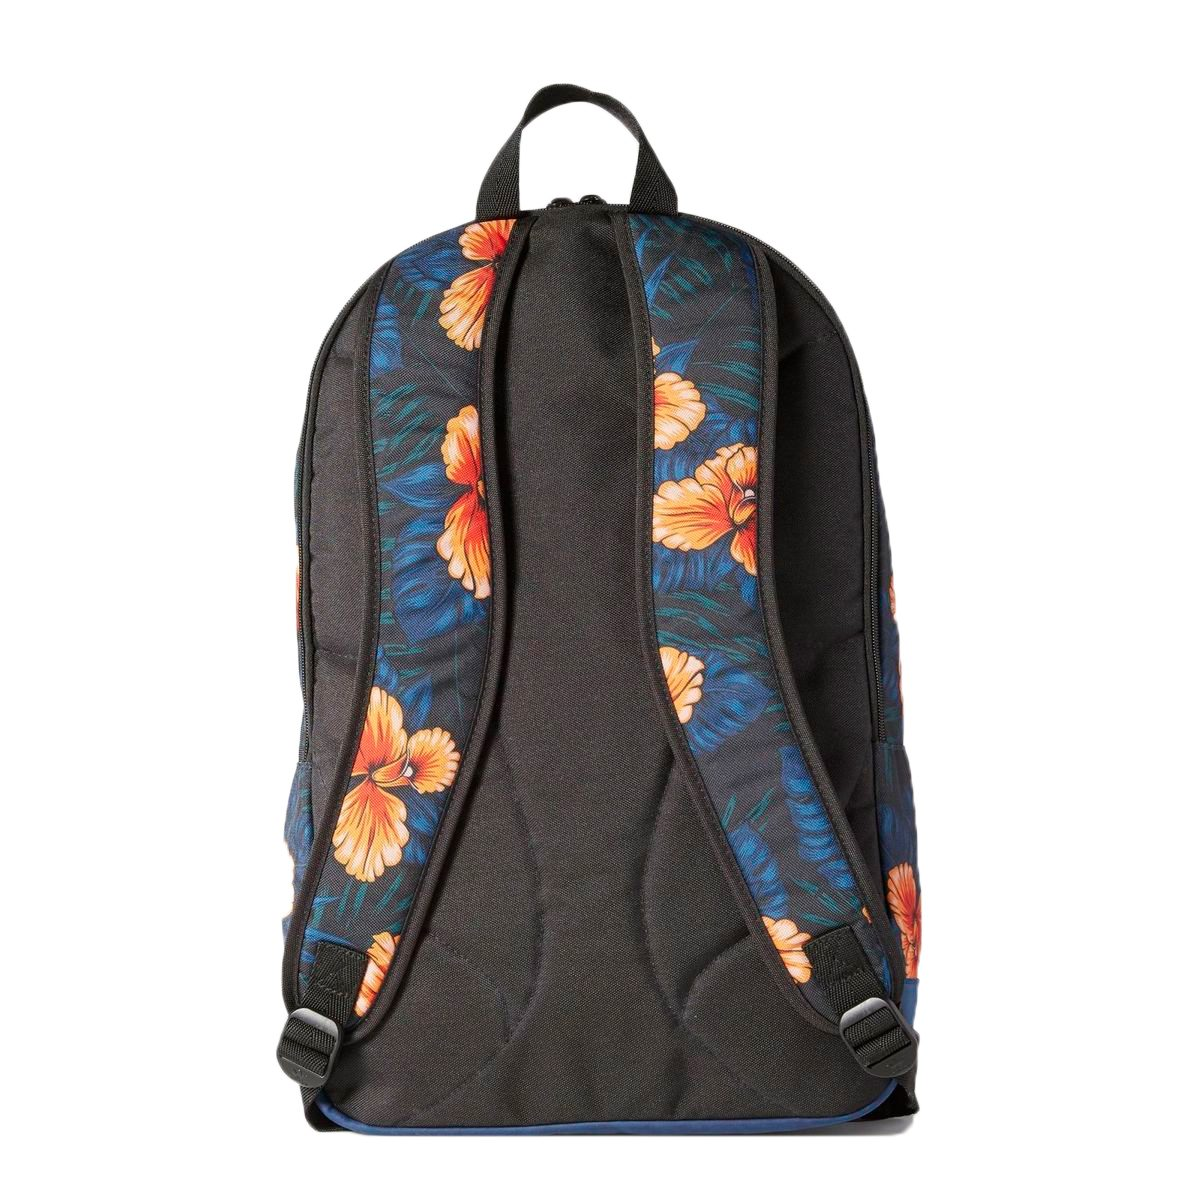 mochila adidas floral sweet leaf. Carregando zoom. d60ec27cd85